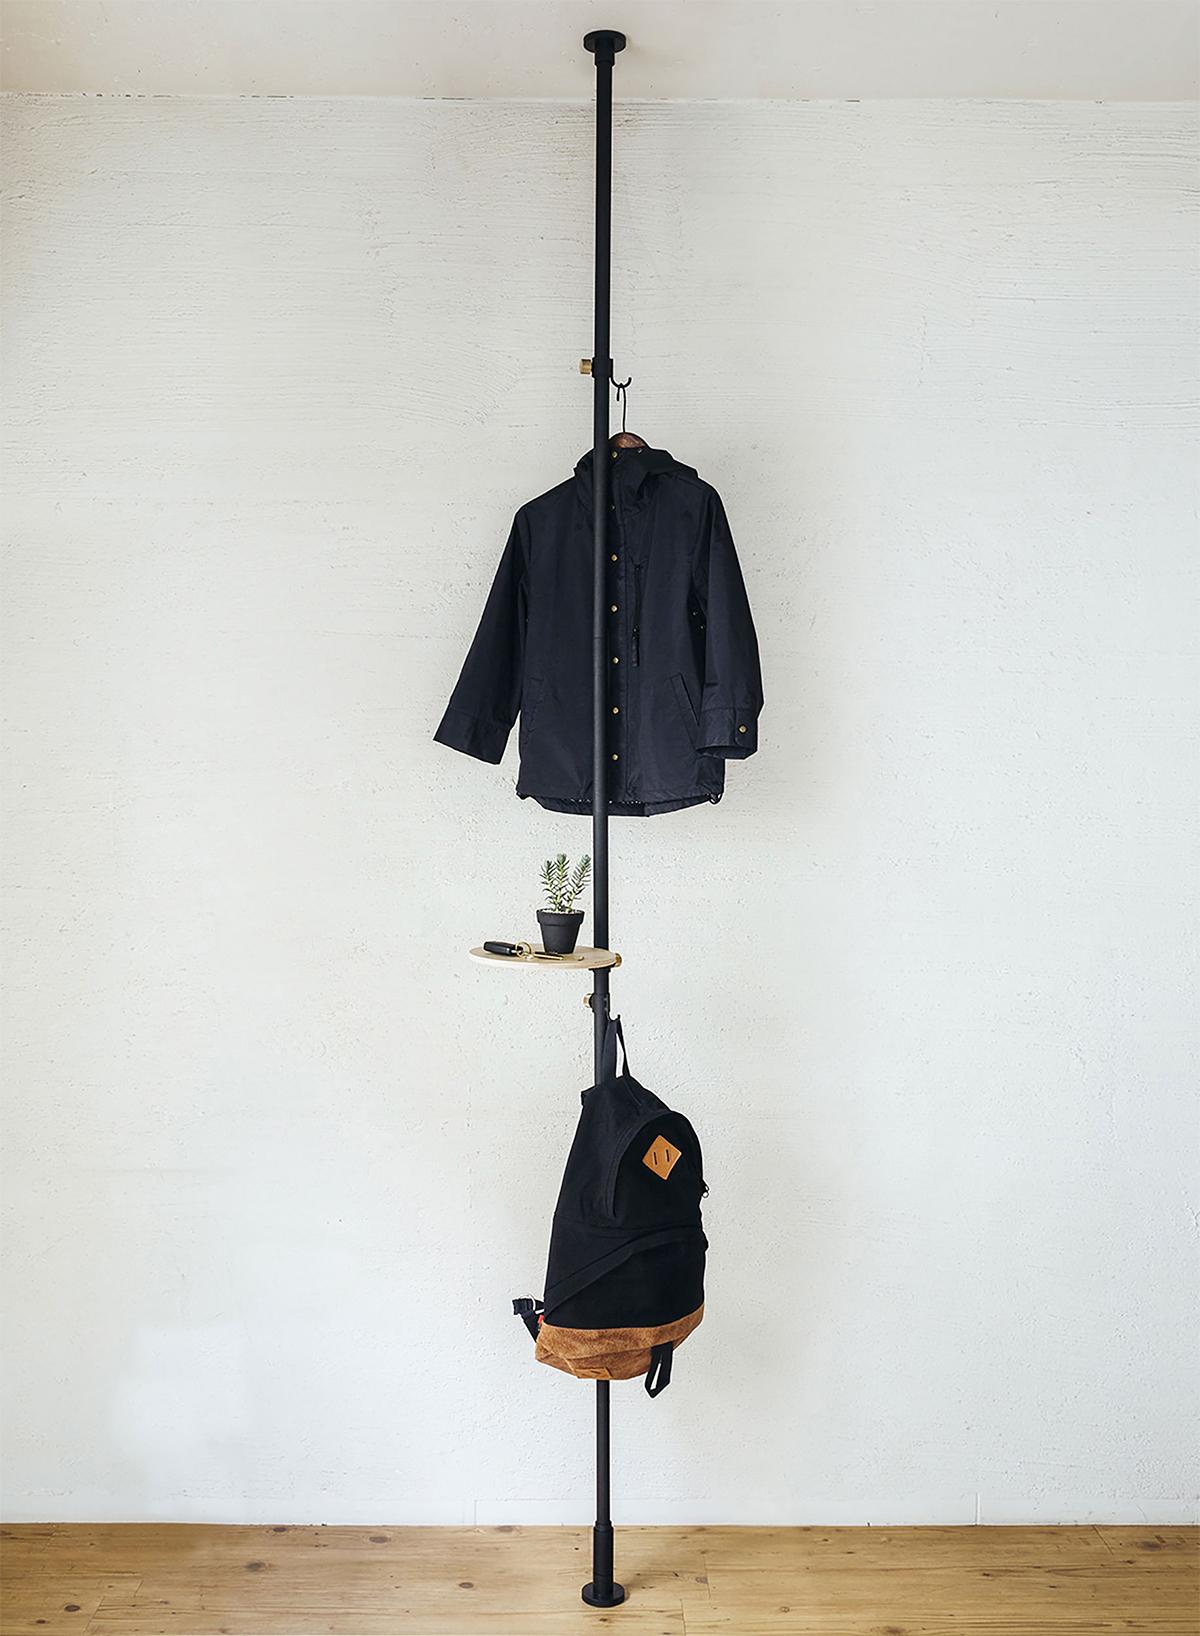 シューラック|1本の線(ライン)に、鍵もバッグも指定席ができる「つっぱり棒」|DRAW A LINE